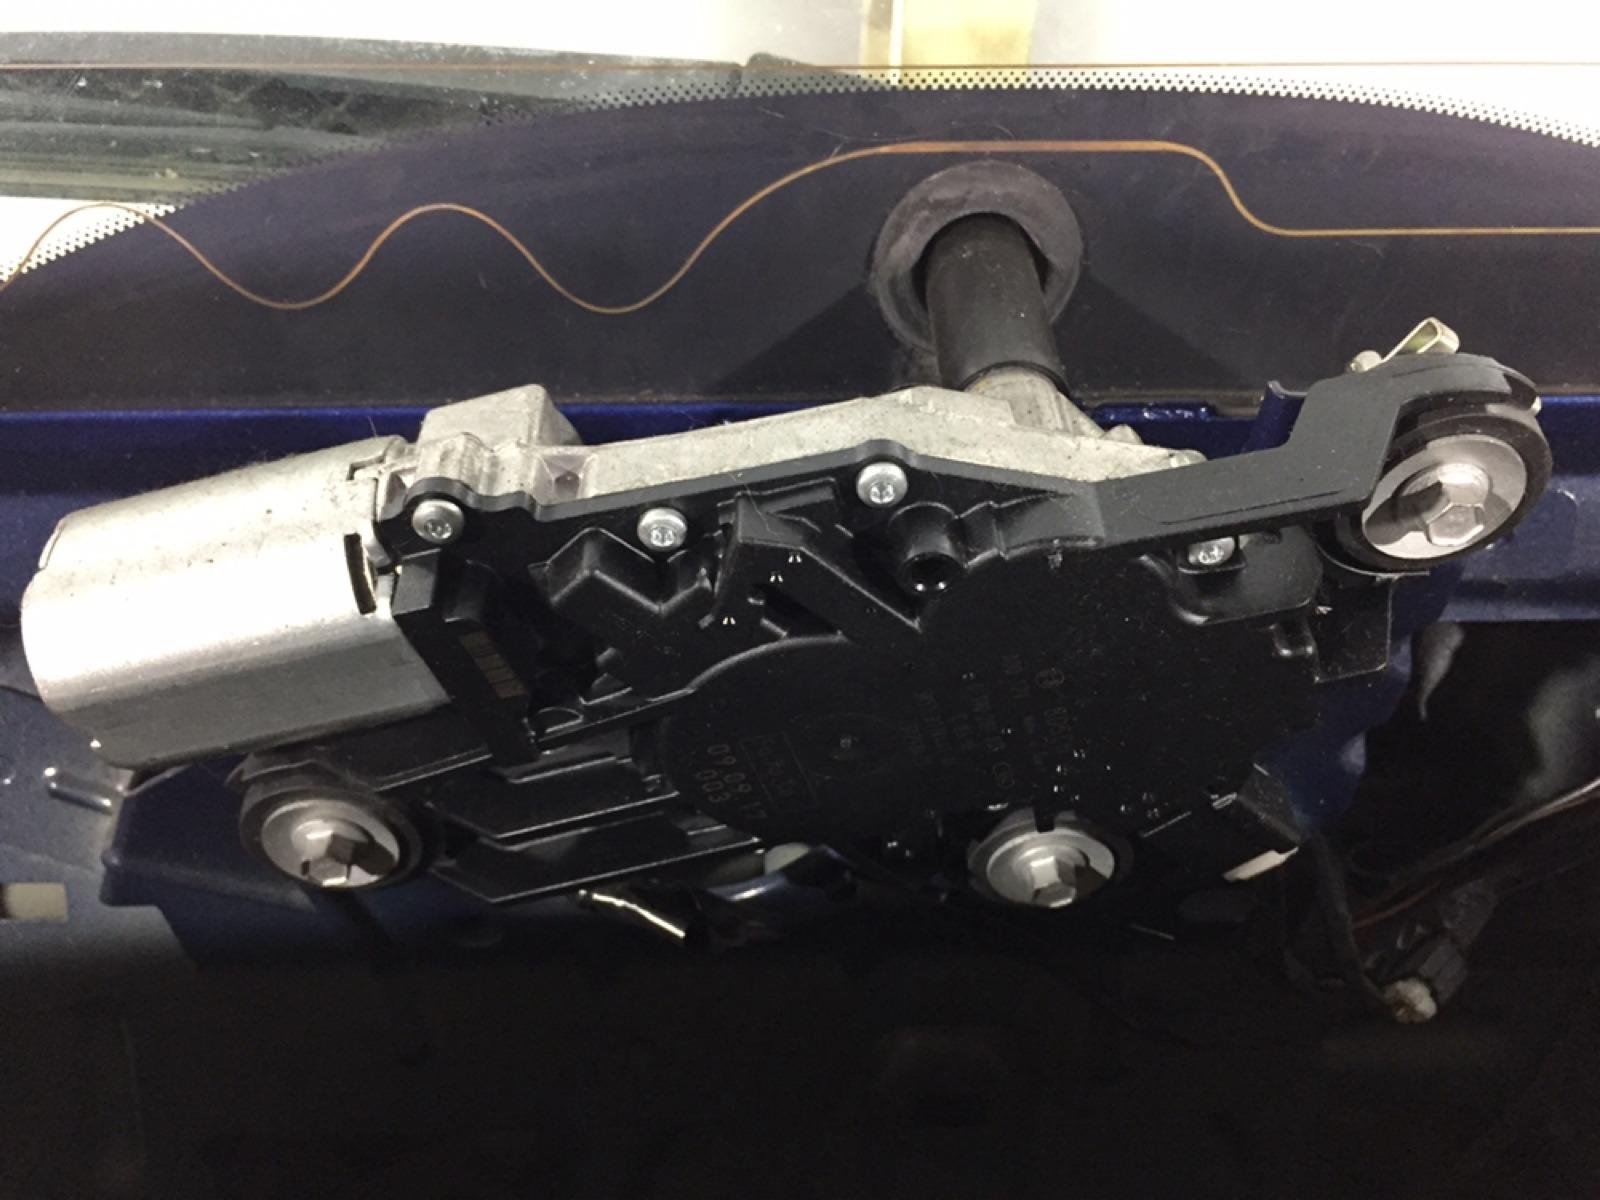 Моторчик заднего стеклоочистителя (дворника) Ford Focus 1.8 TDCI 2009 (б/у)